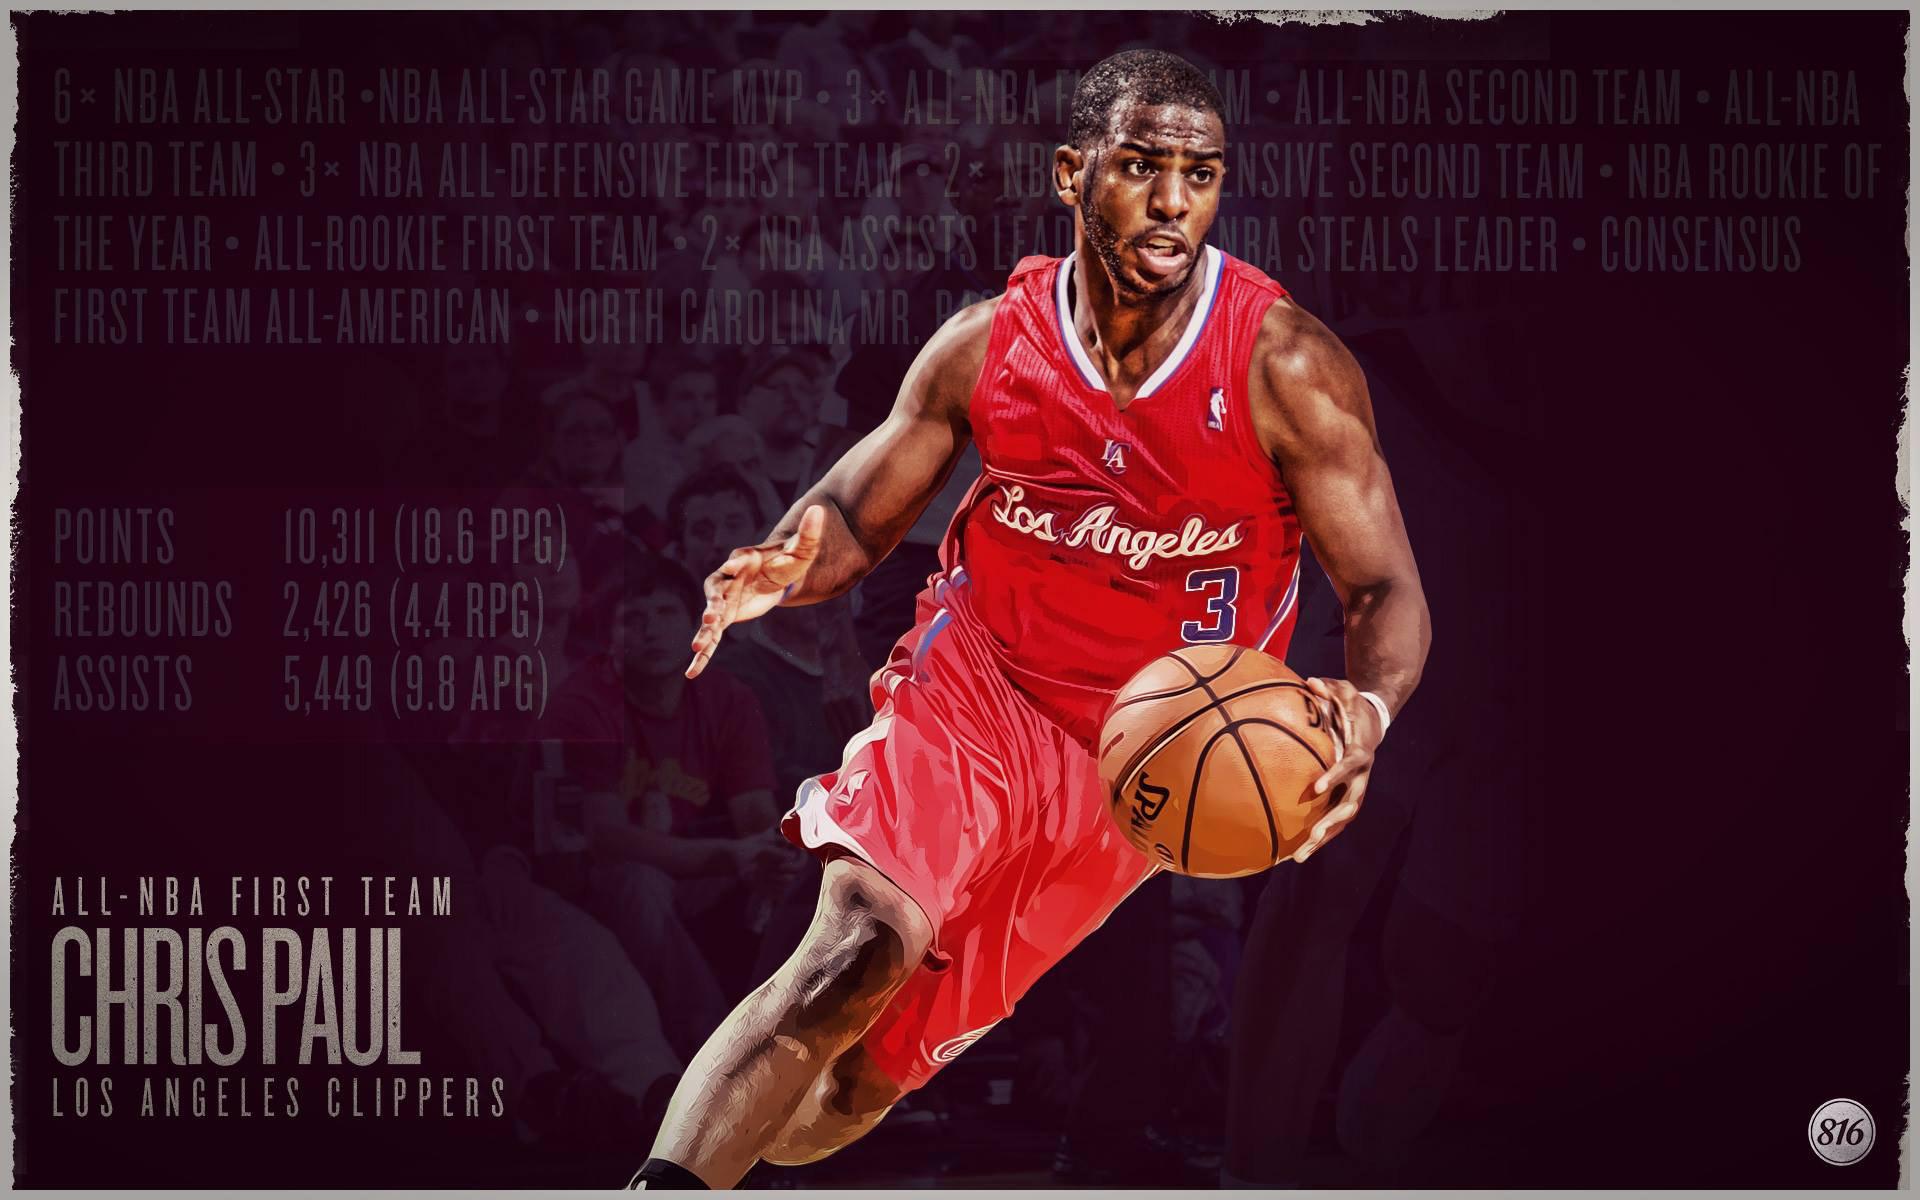 Chris Paul 2013 All-NBA First Team Wallpaper